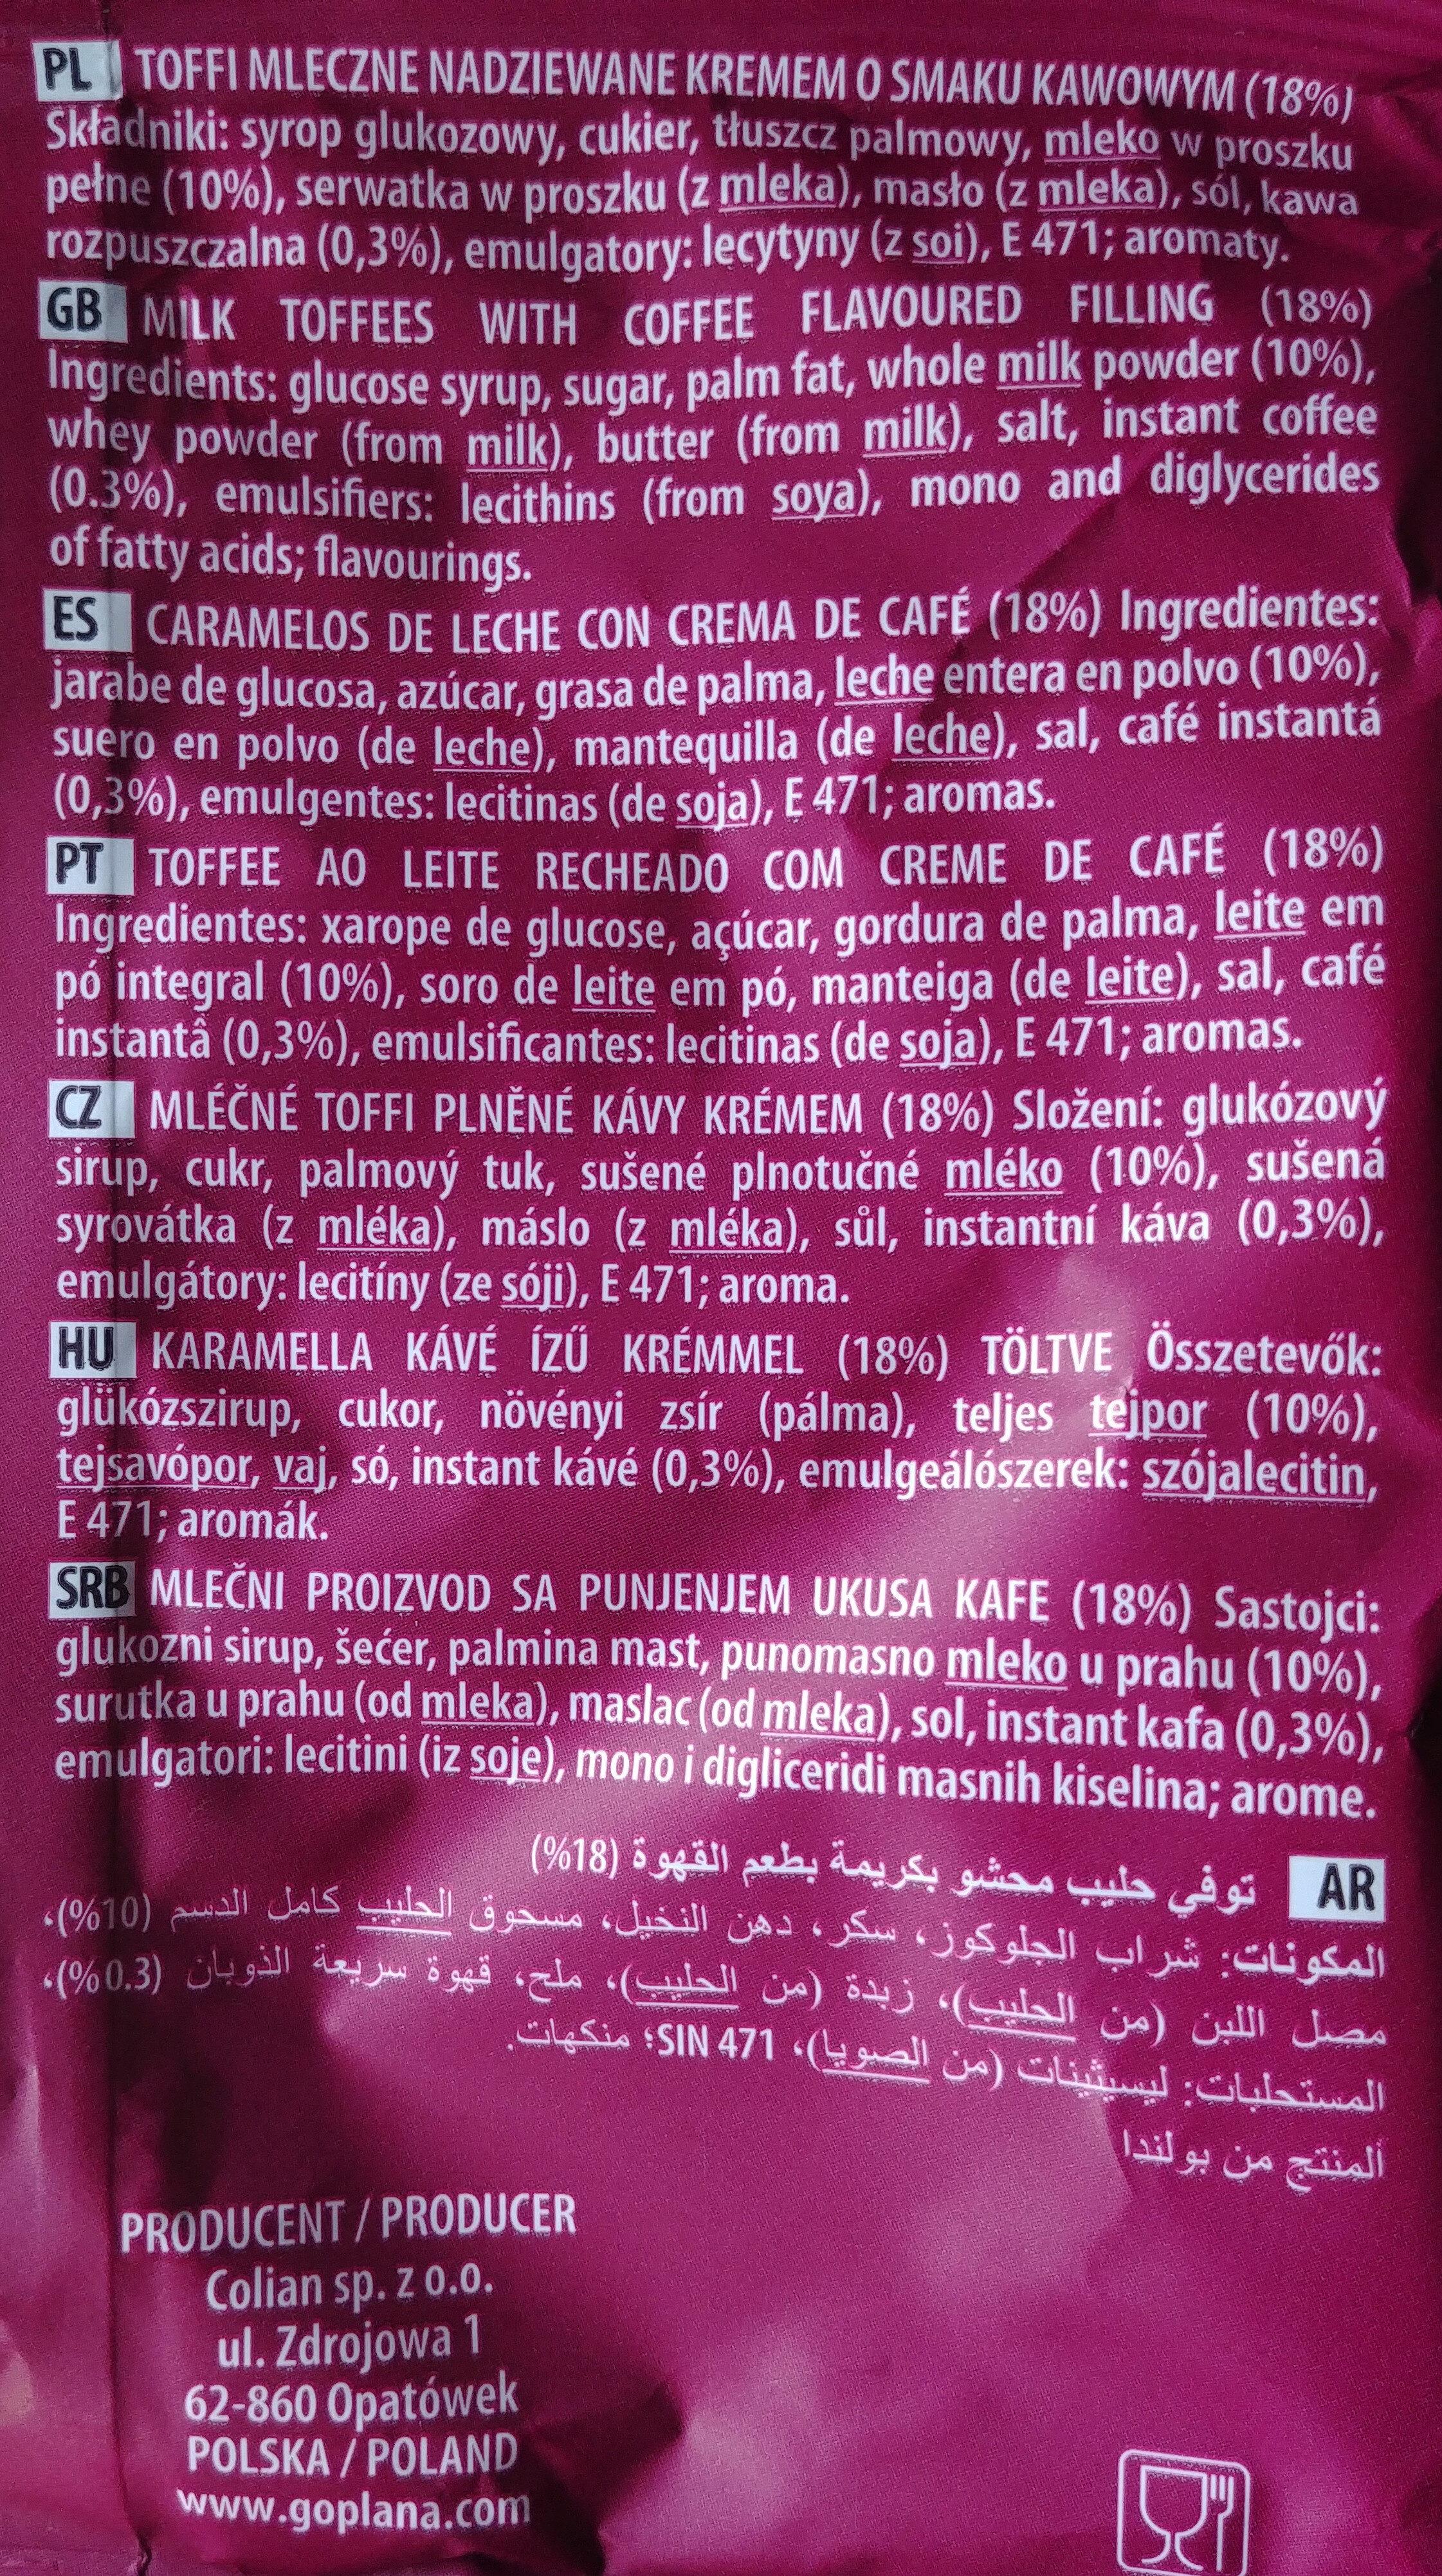 Toffi mleczne nadziewane kremem o smaku kawowym - Składniki - pl